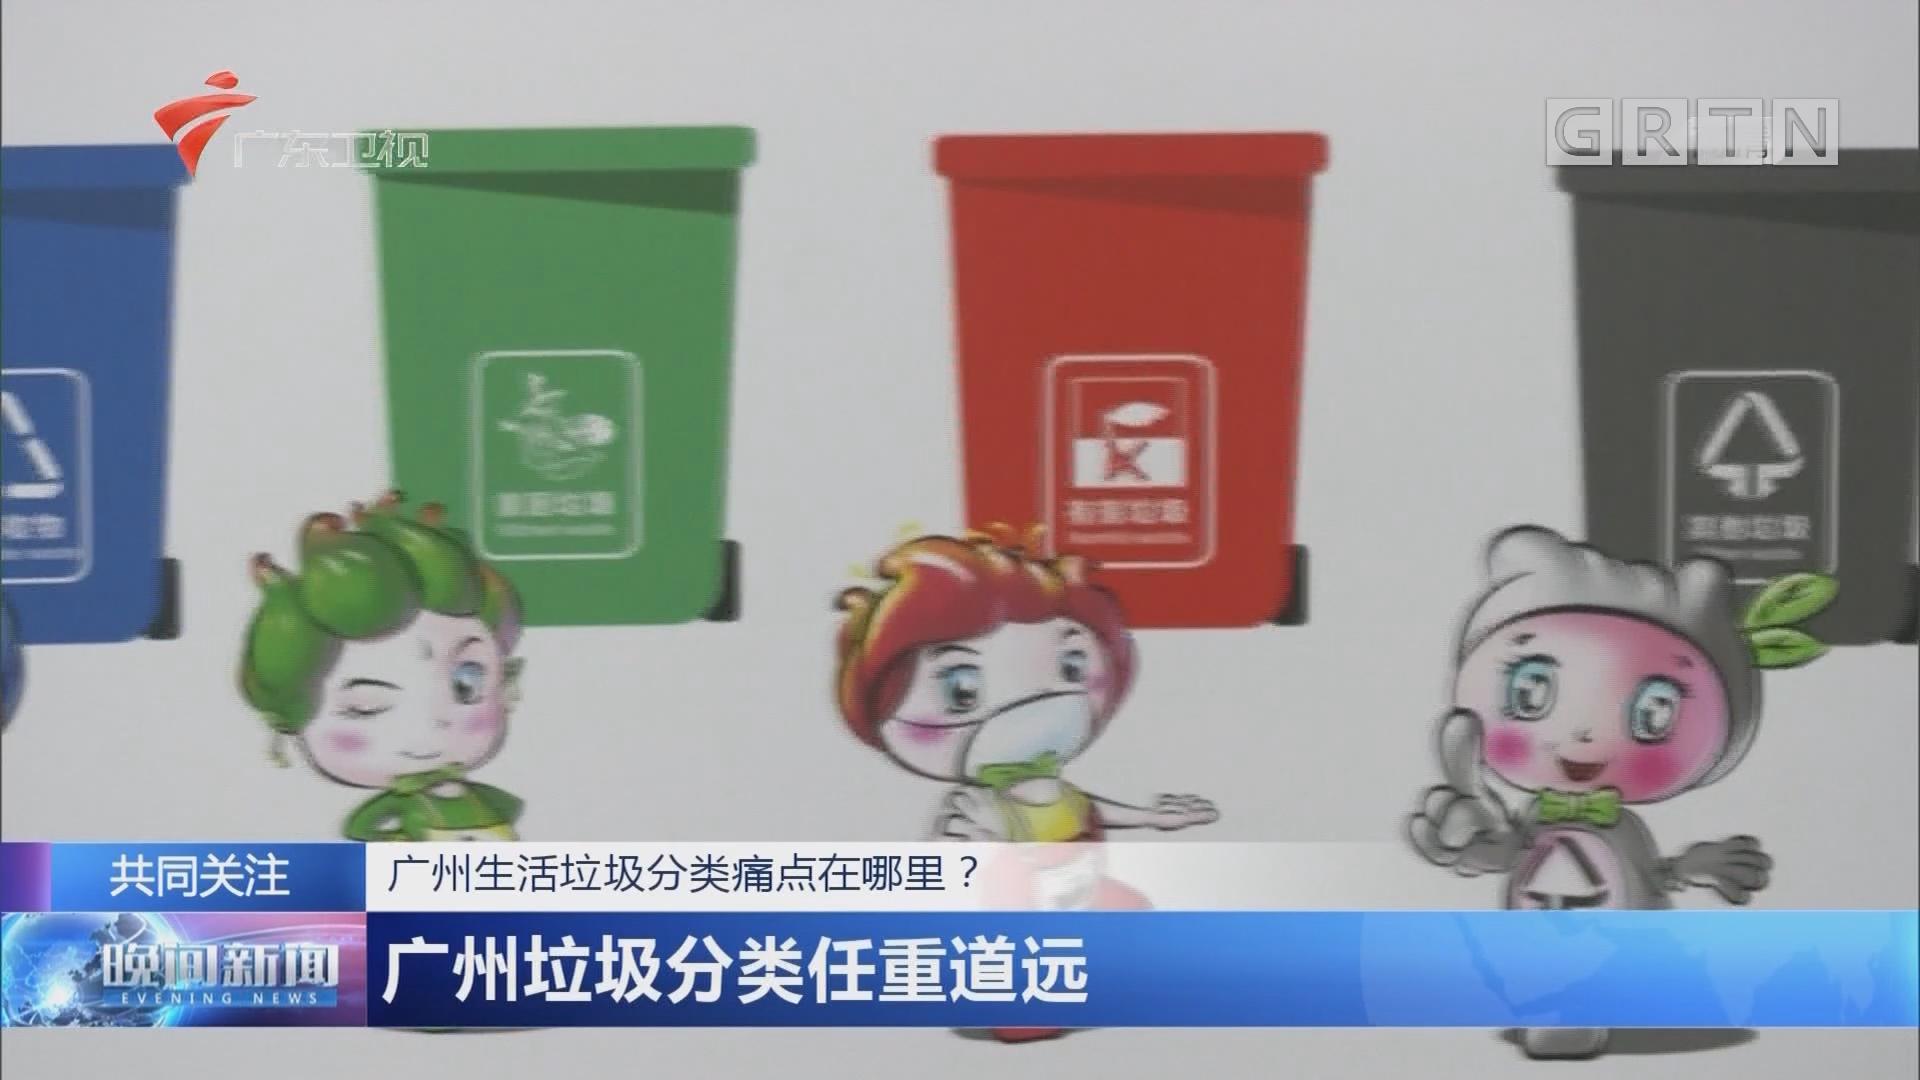 广州生活垃圾分类痛点在哪里?广州垃圾分类任重道远